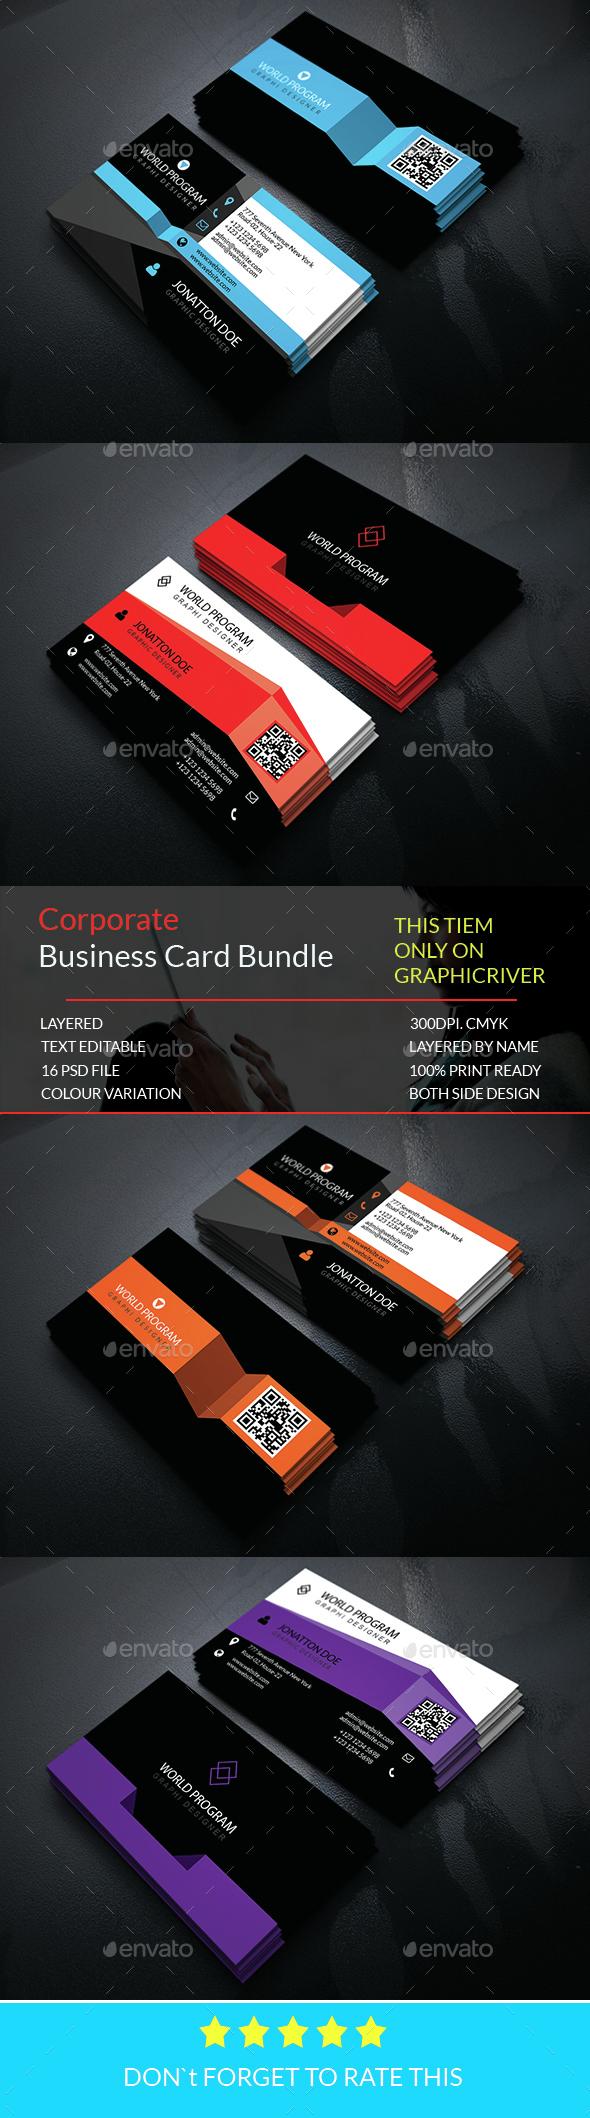 Corporate Business card Bundle.015 - Corporate Business Cards